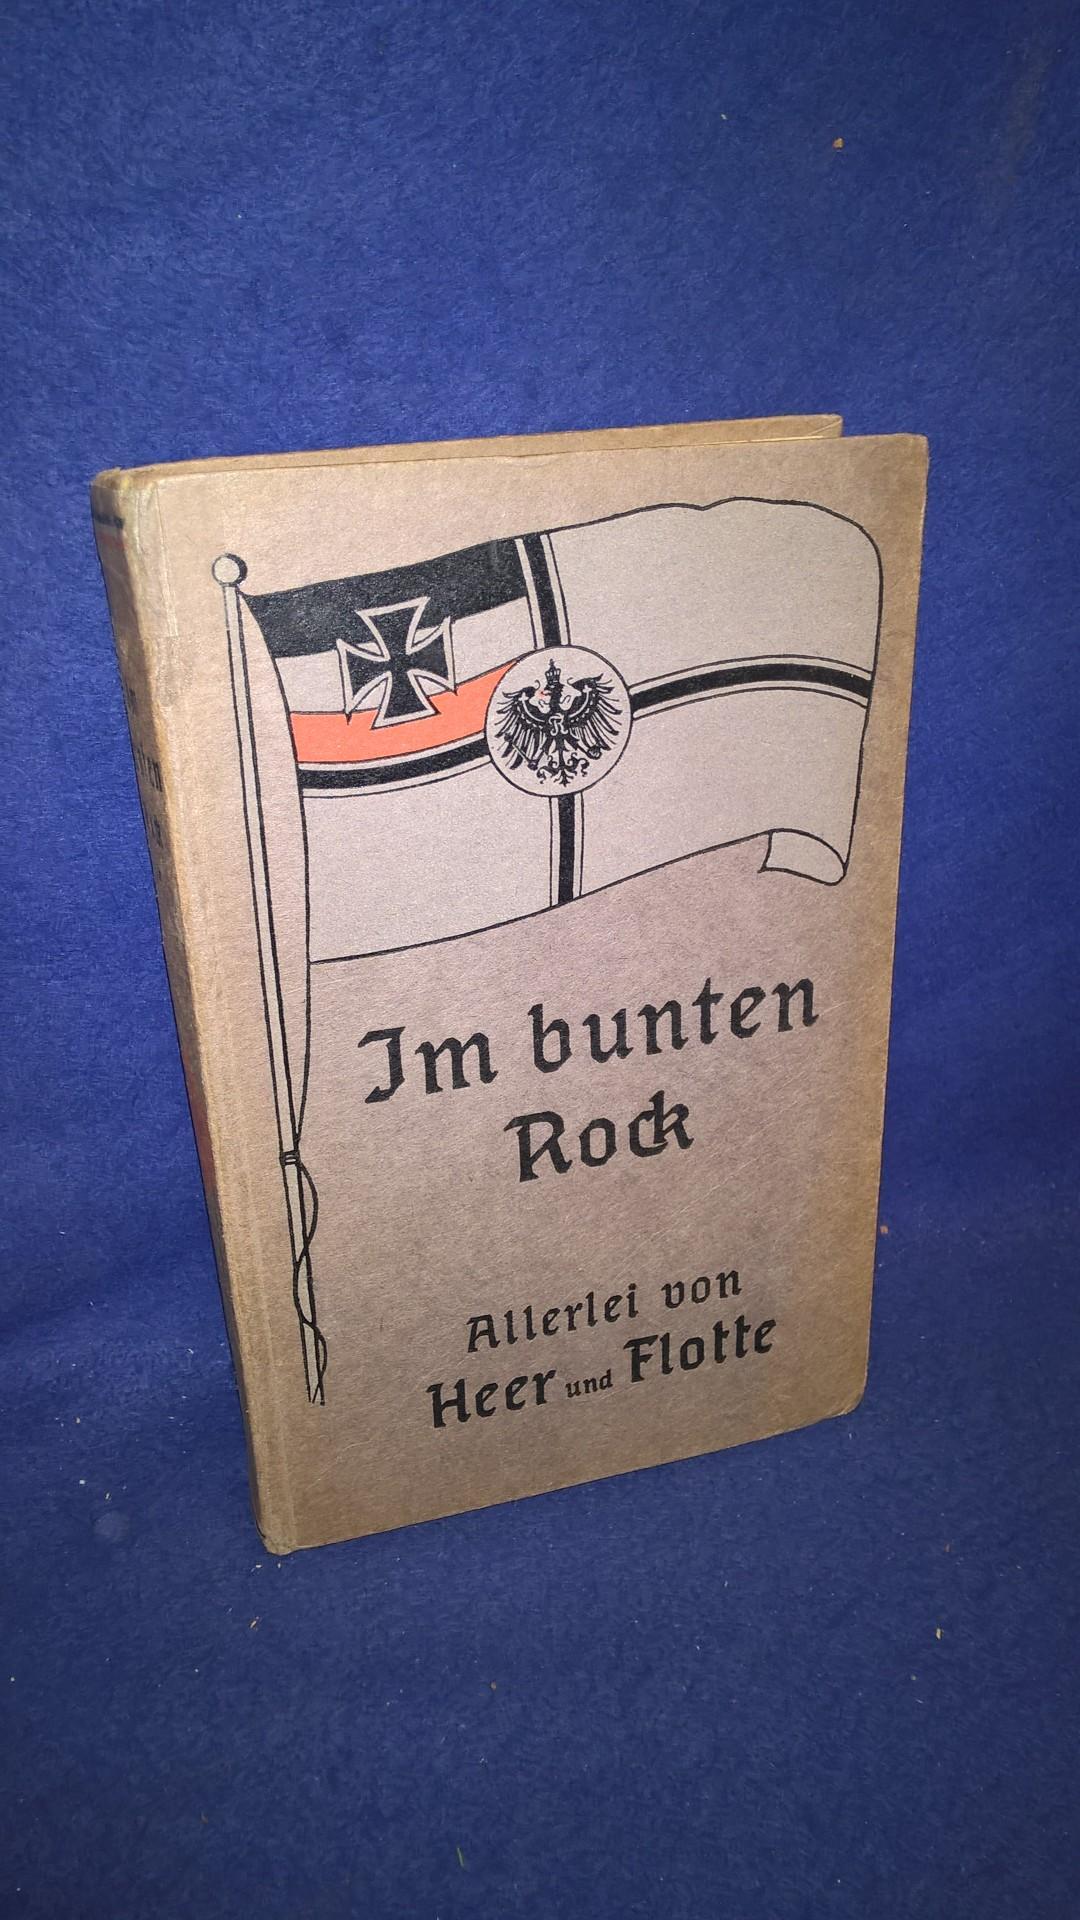 Im Bunten Rock. Allerlei von Heer und Flotte. Ein Jahrbuch für alle Freunde der deutschen Wehrmacht.